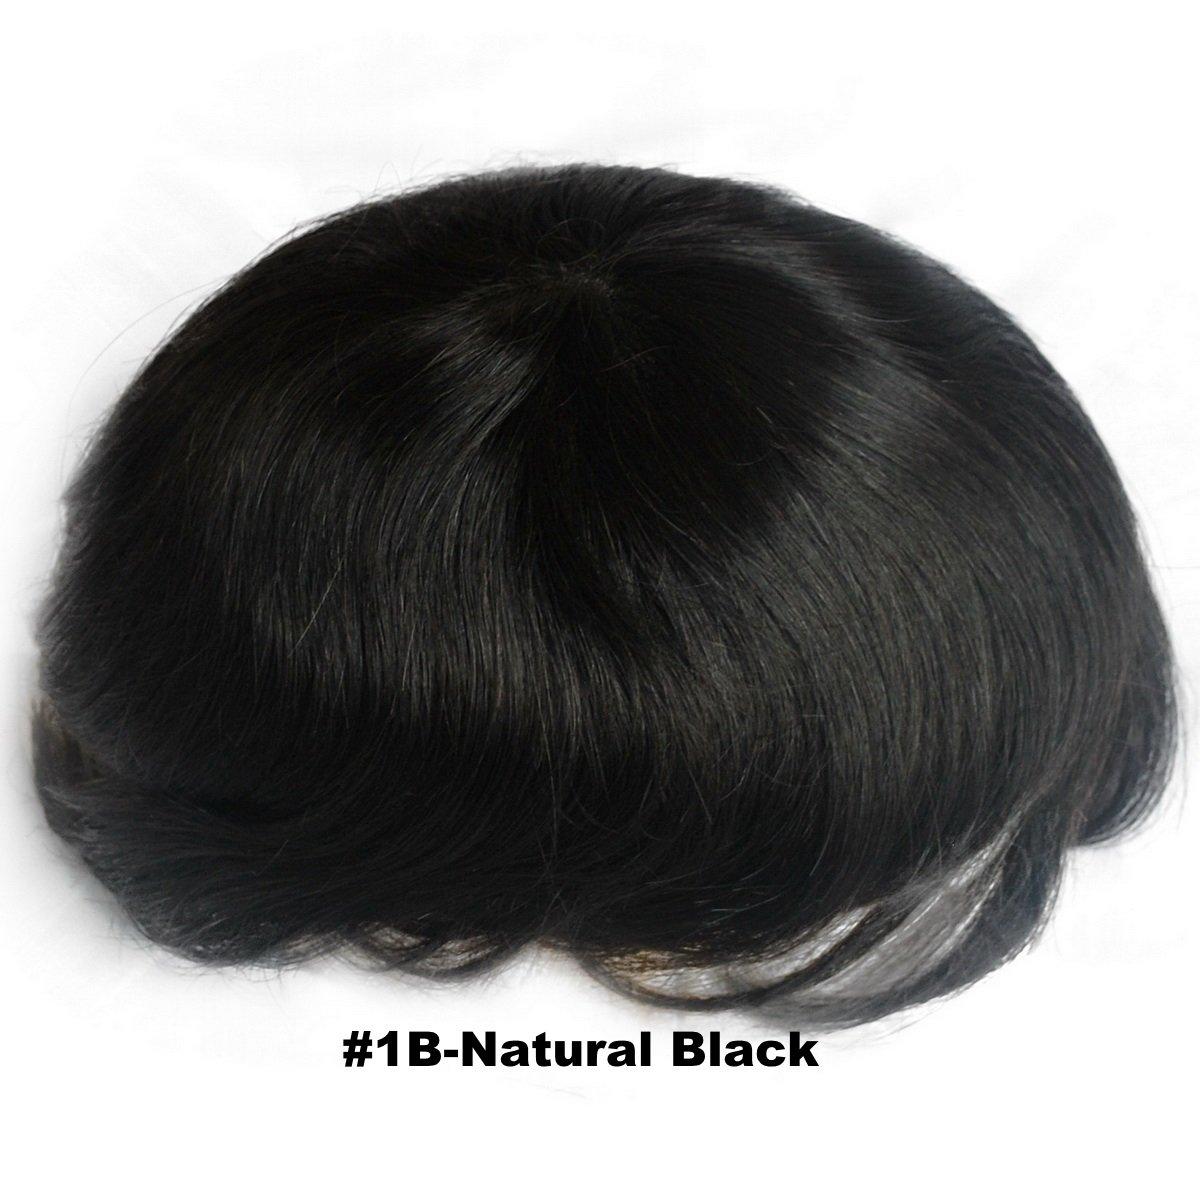 Noir naturel postiches pour homme 1B # Chirurgie de remplacement de tous les cheveux Dentelle Suisse découpable Base